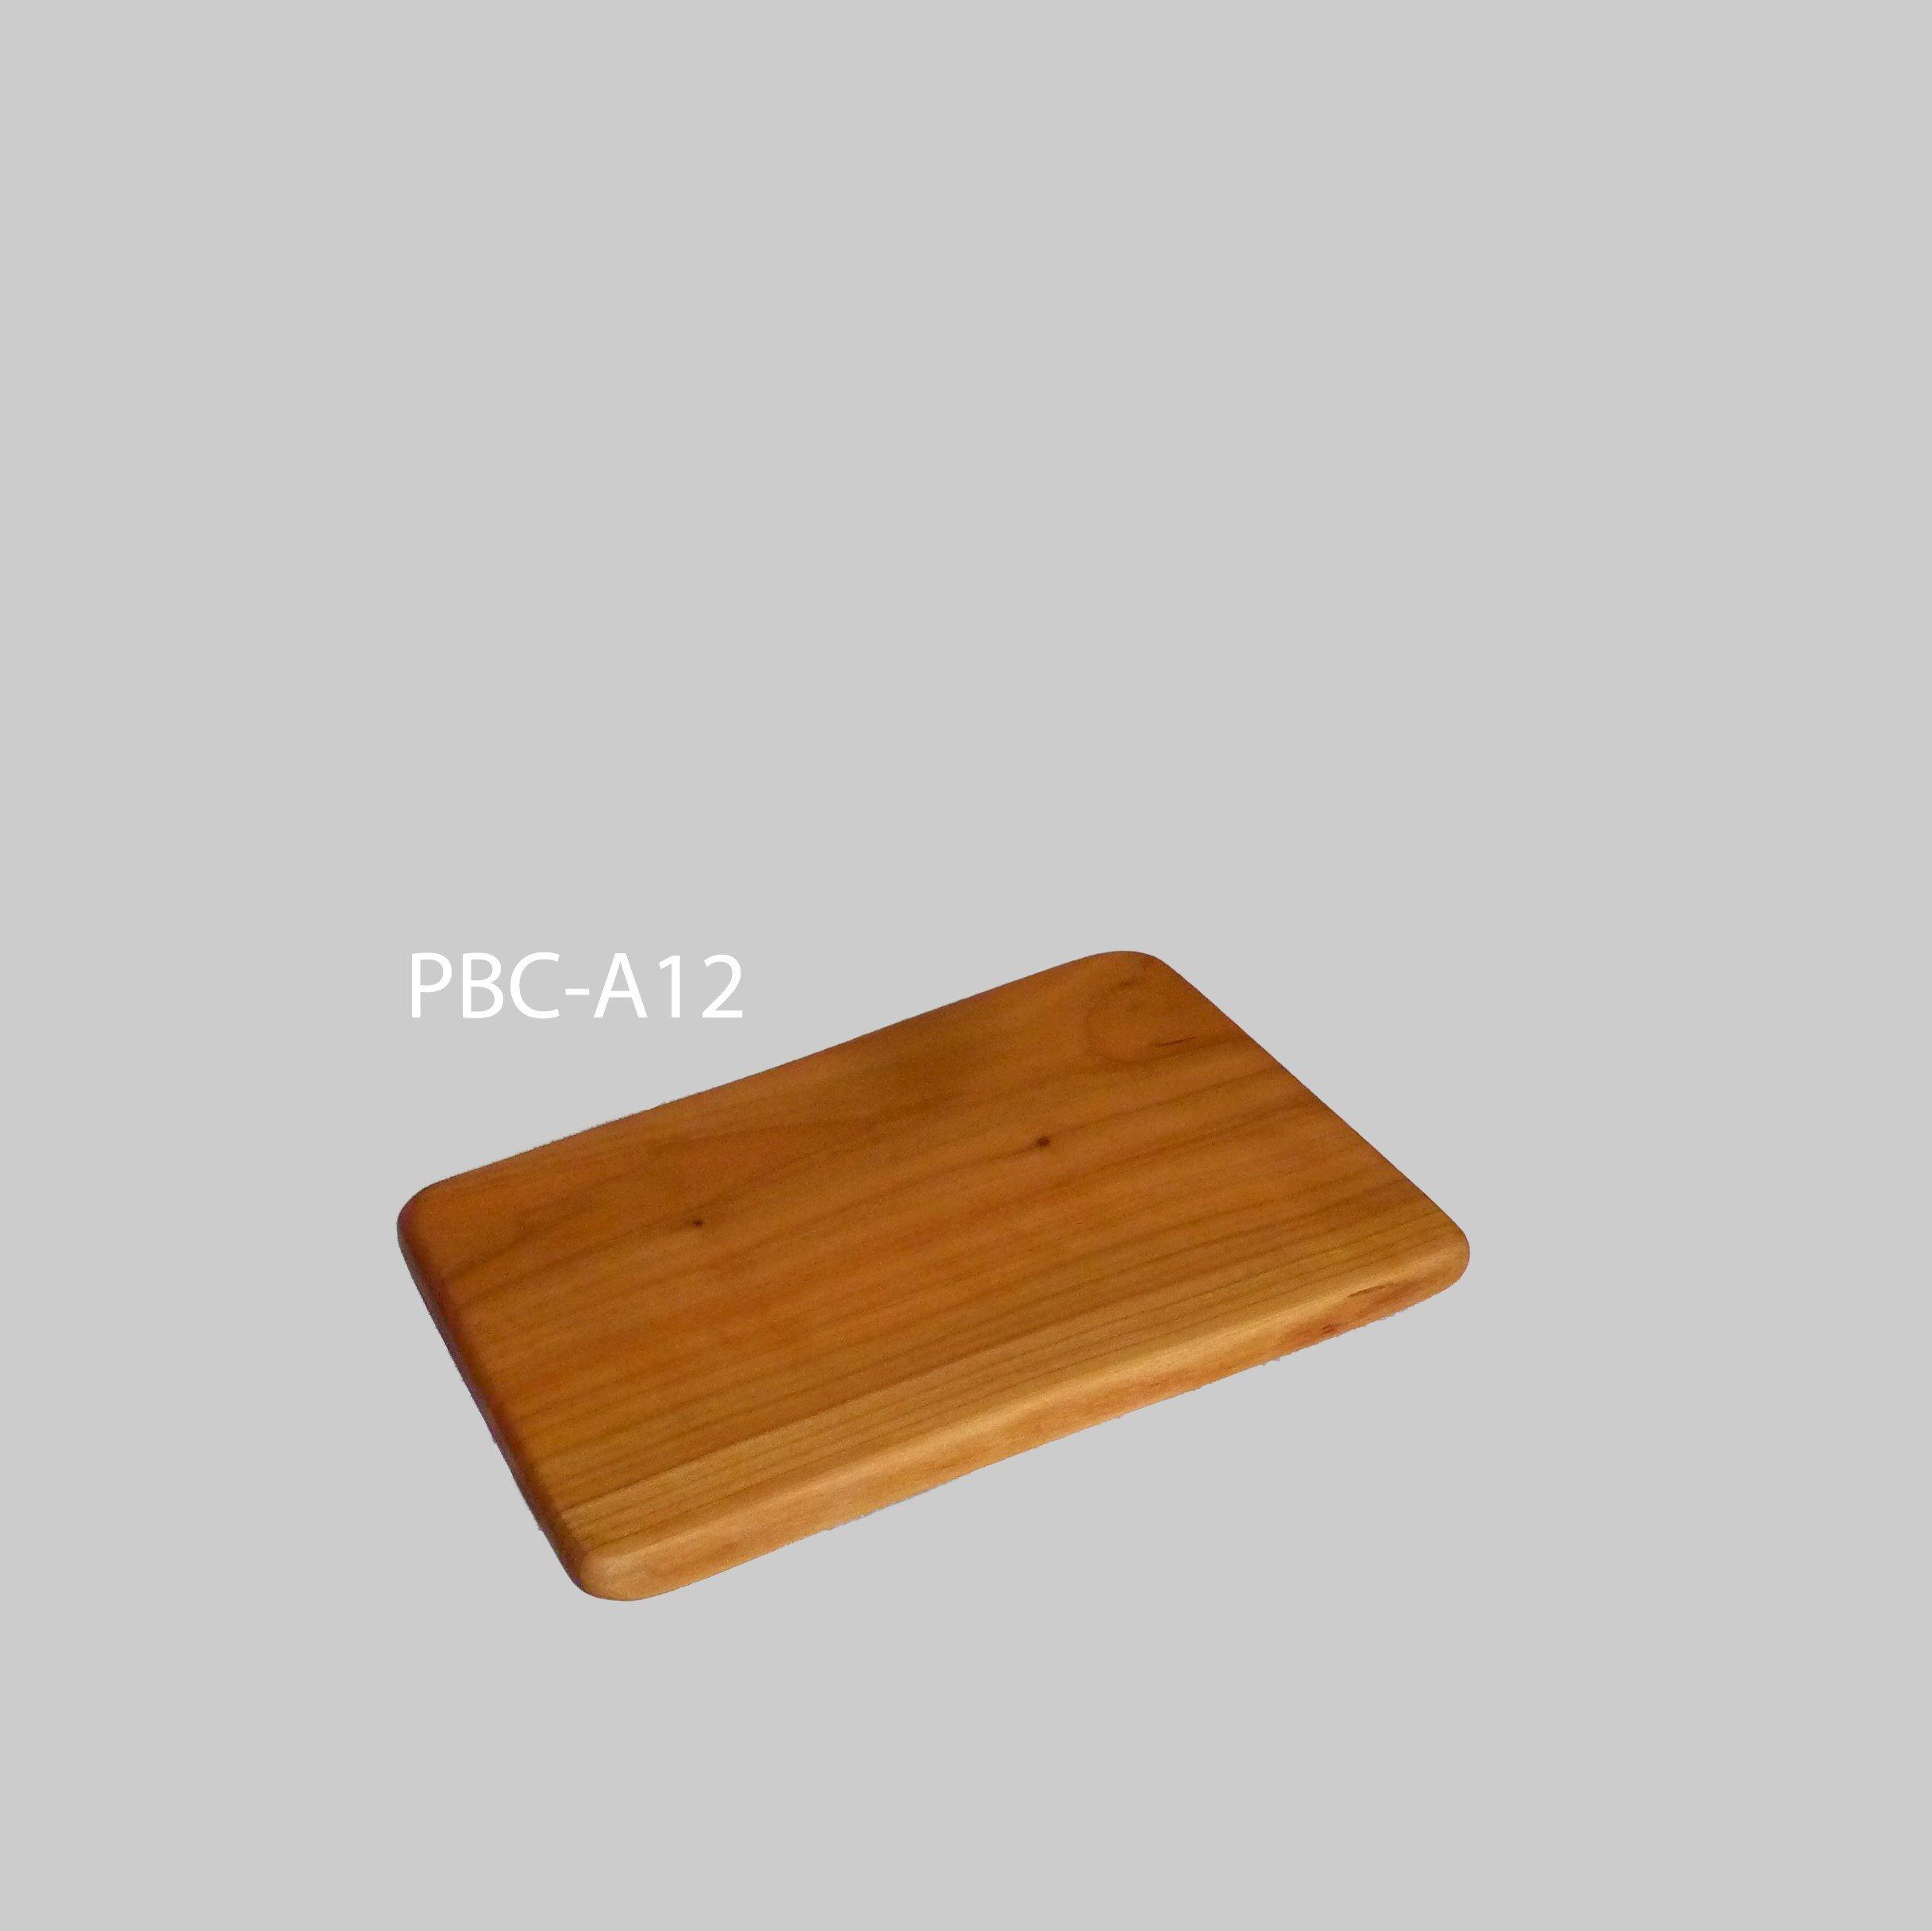 PBC-A12